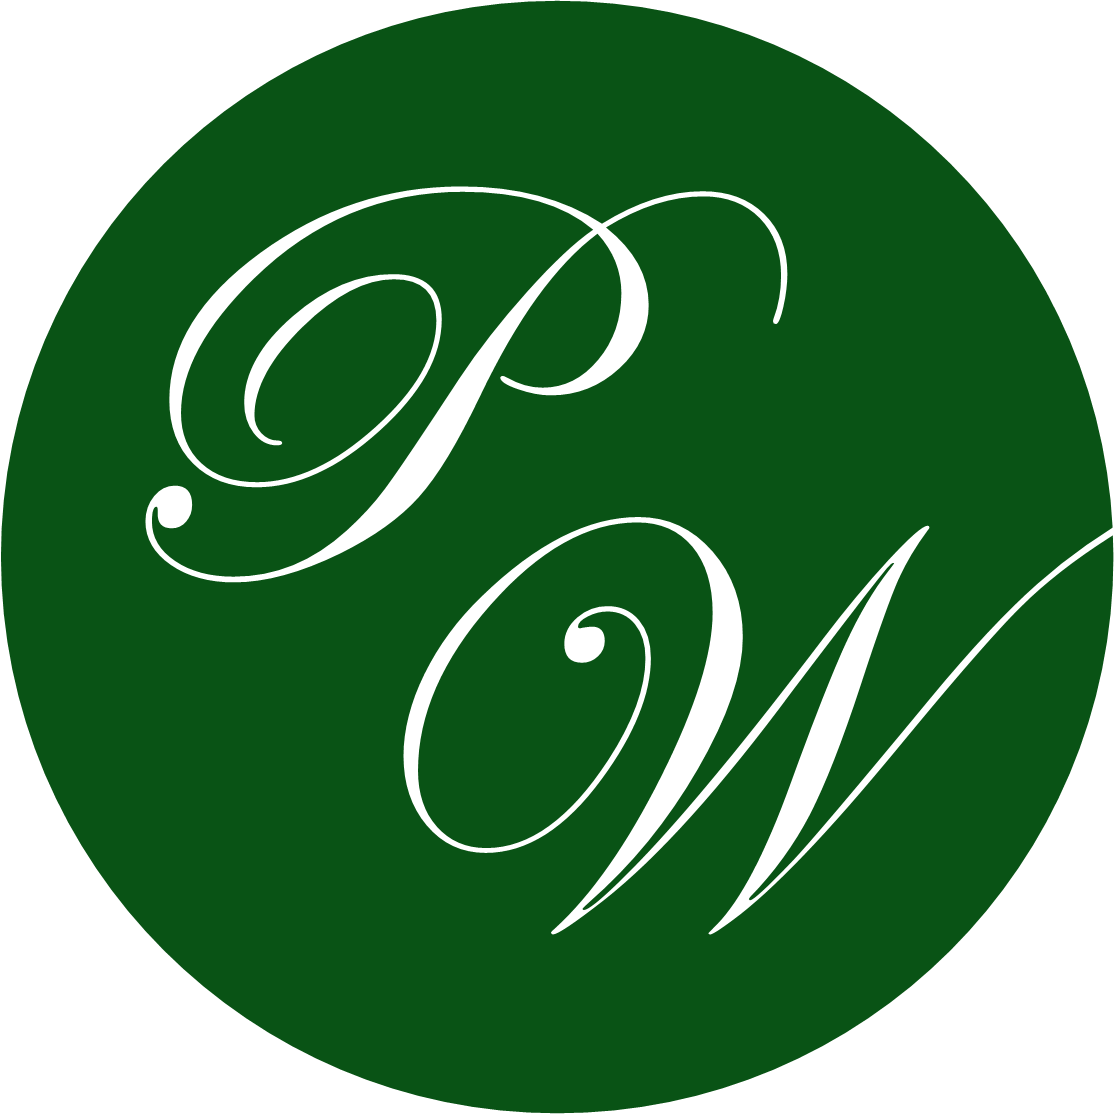 personalweddingsnc.com